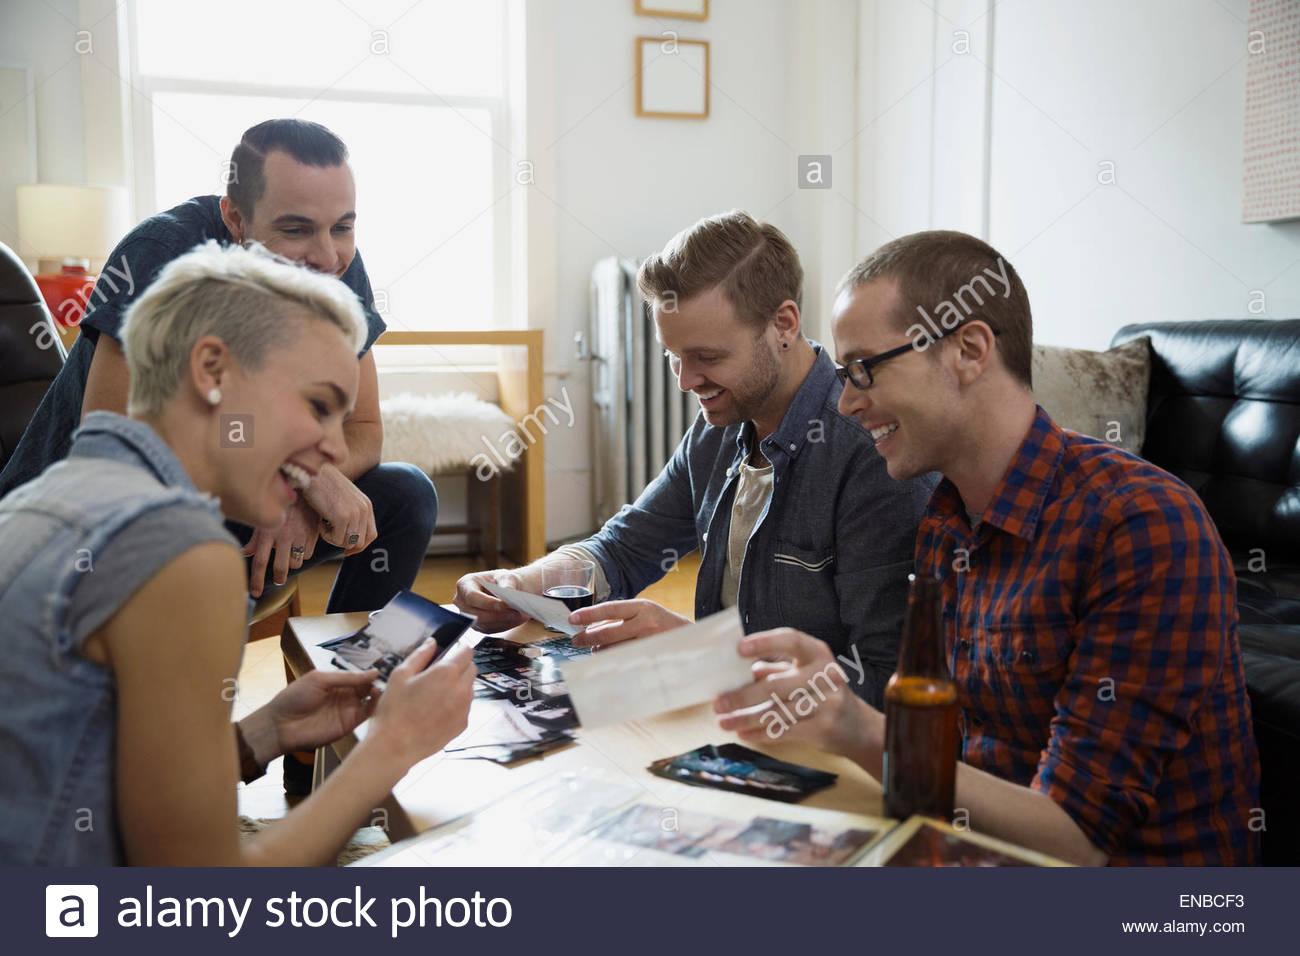 Amici guardando le fotografie di bere birra soggiorno Immagini Stock